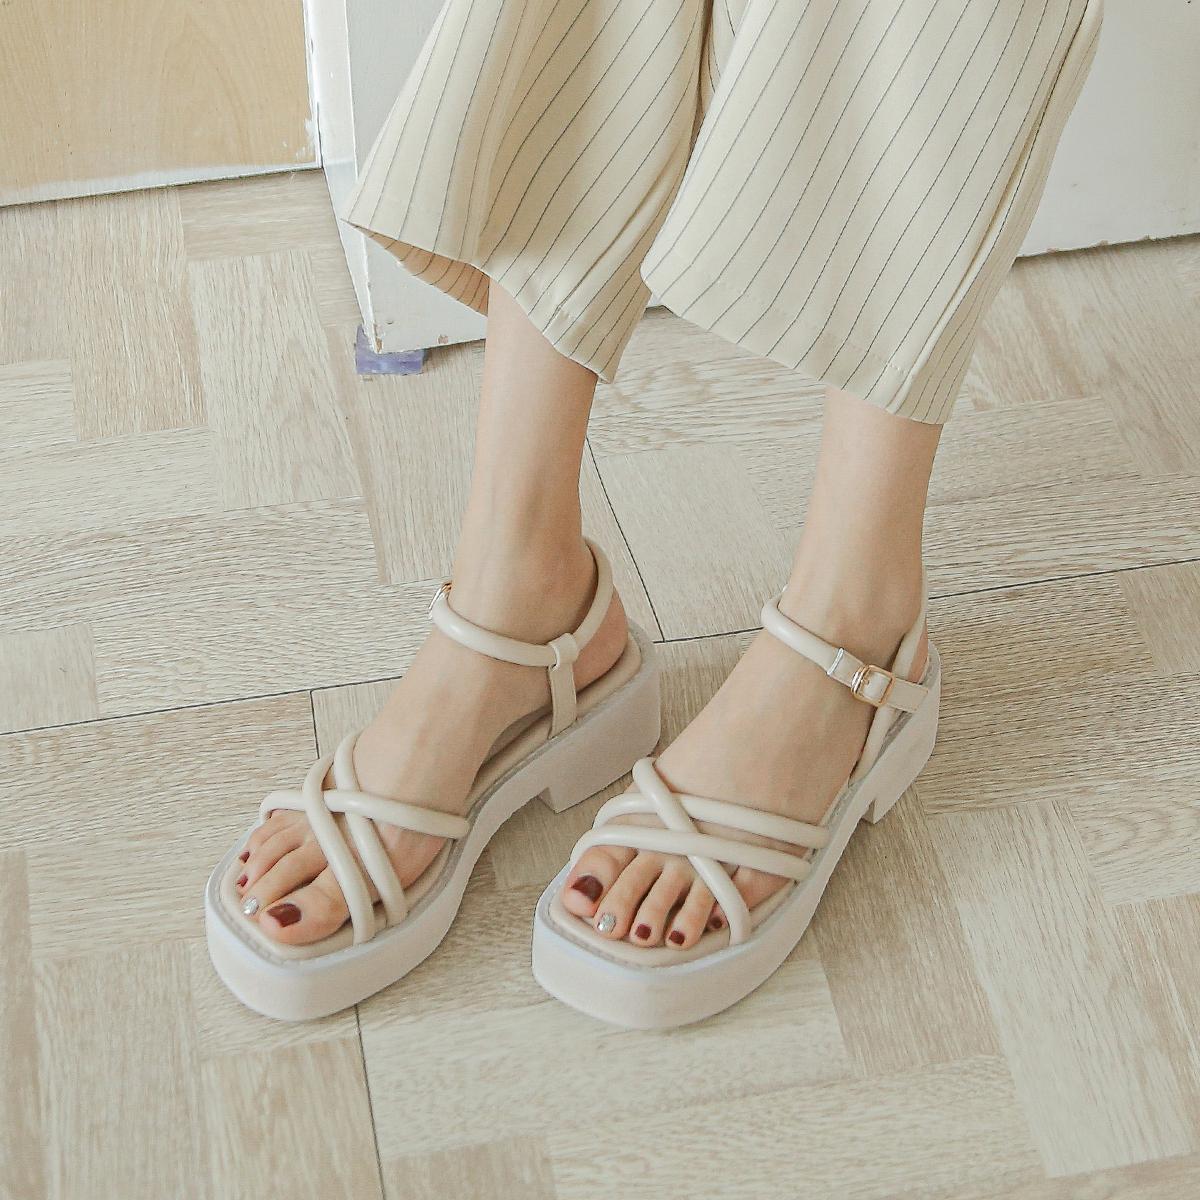 【新品价 118元】平底增高凉鞋2020年新款女夏季松糕底厚底罗马鞋